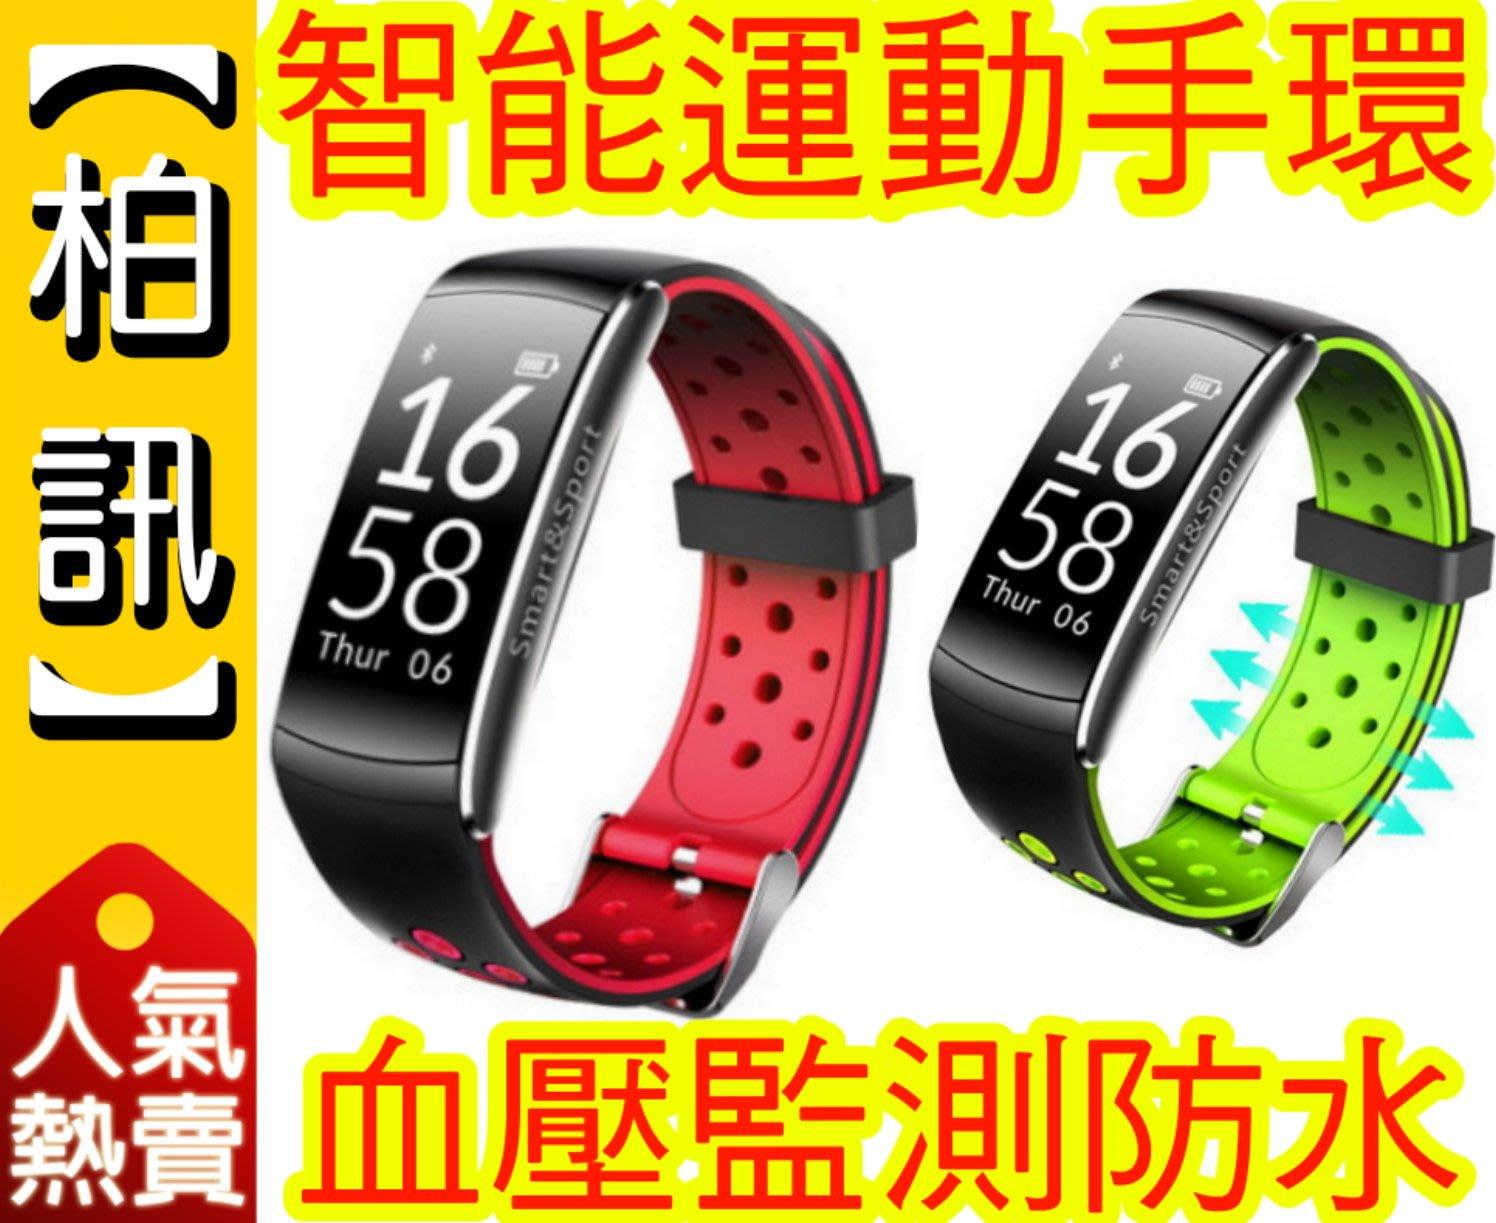 【2018 新款!】 Q8 OLED 游泳防水 心率監控 觸控 智慧手環 運動手環 智慧手錶 小米 交換禮物防水手錶